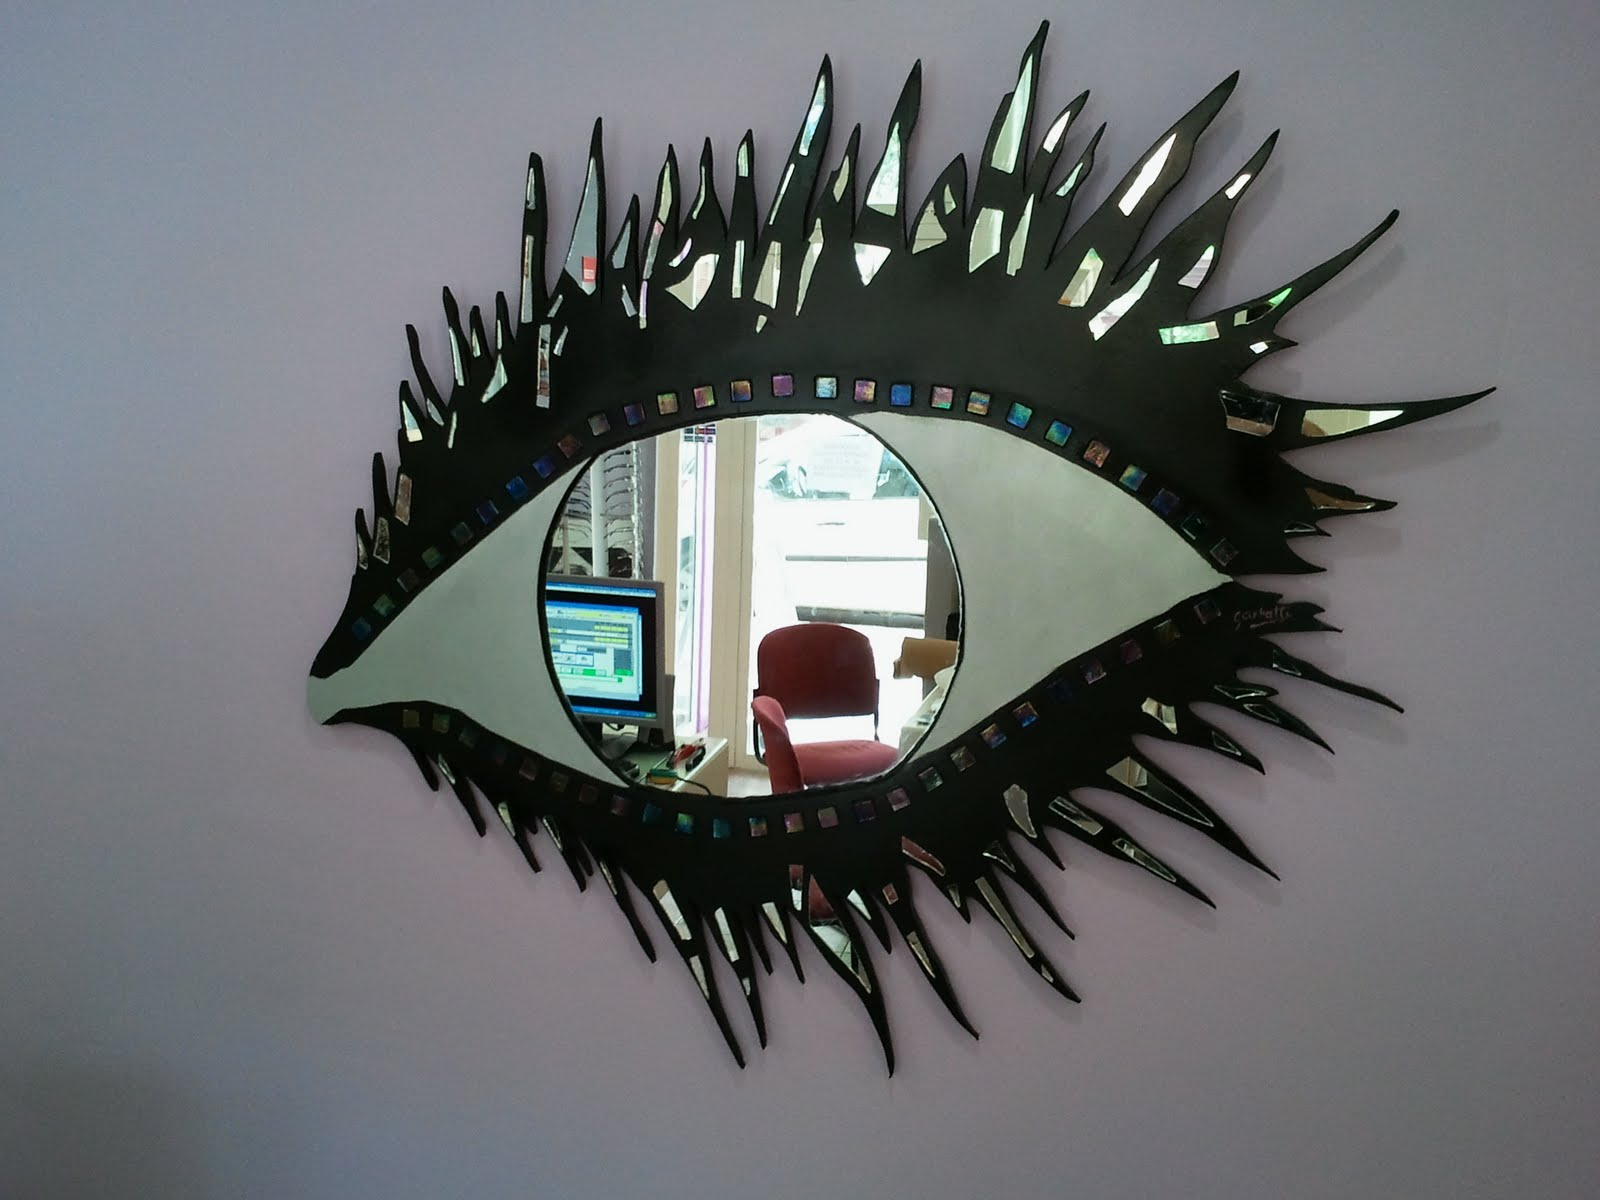 hecha con piezas cermicas incrustadas y espejo roto en mosaico expandido